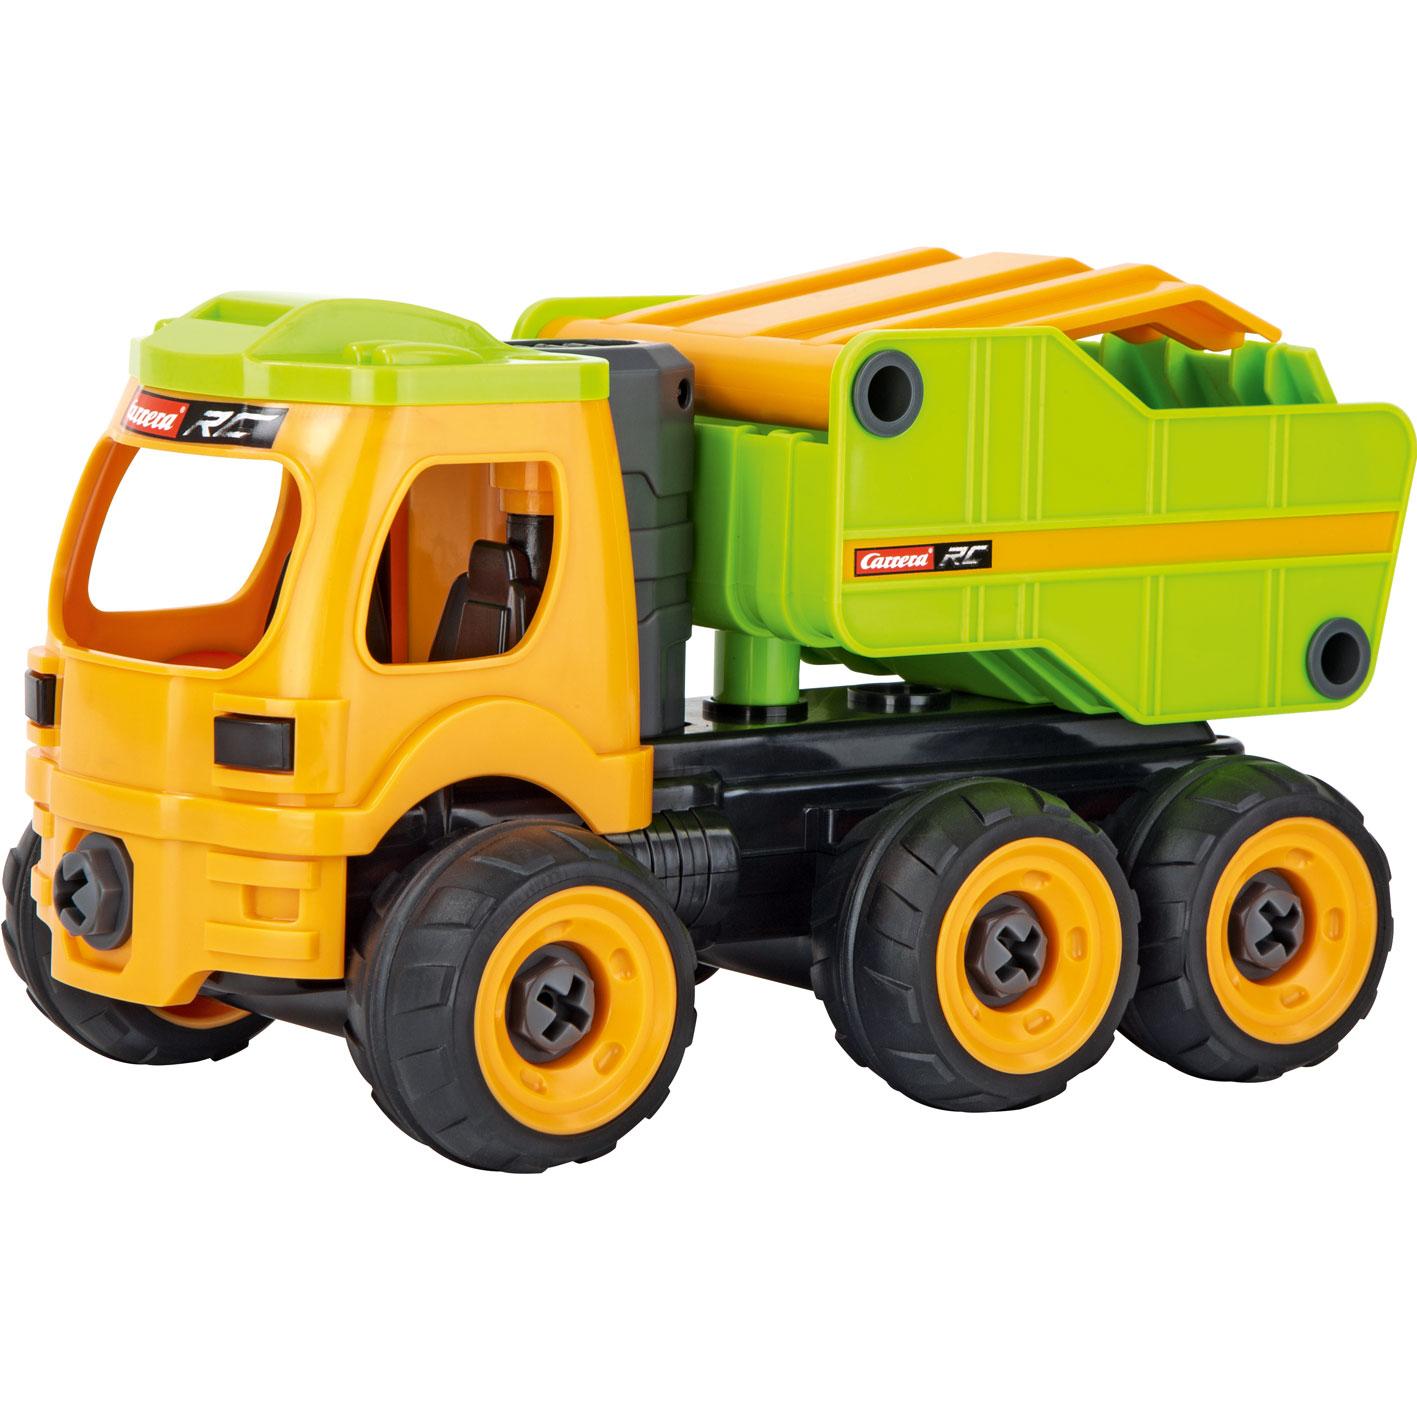 Carrera - First RC 2,4GHZ Dump Truck (370181077)